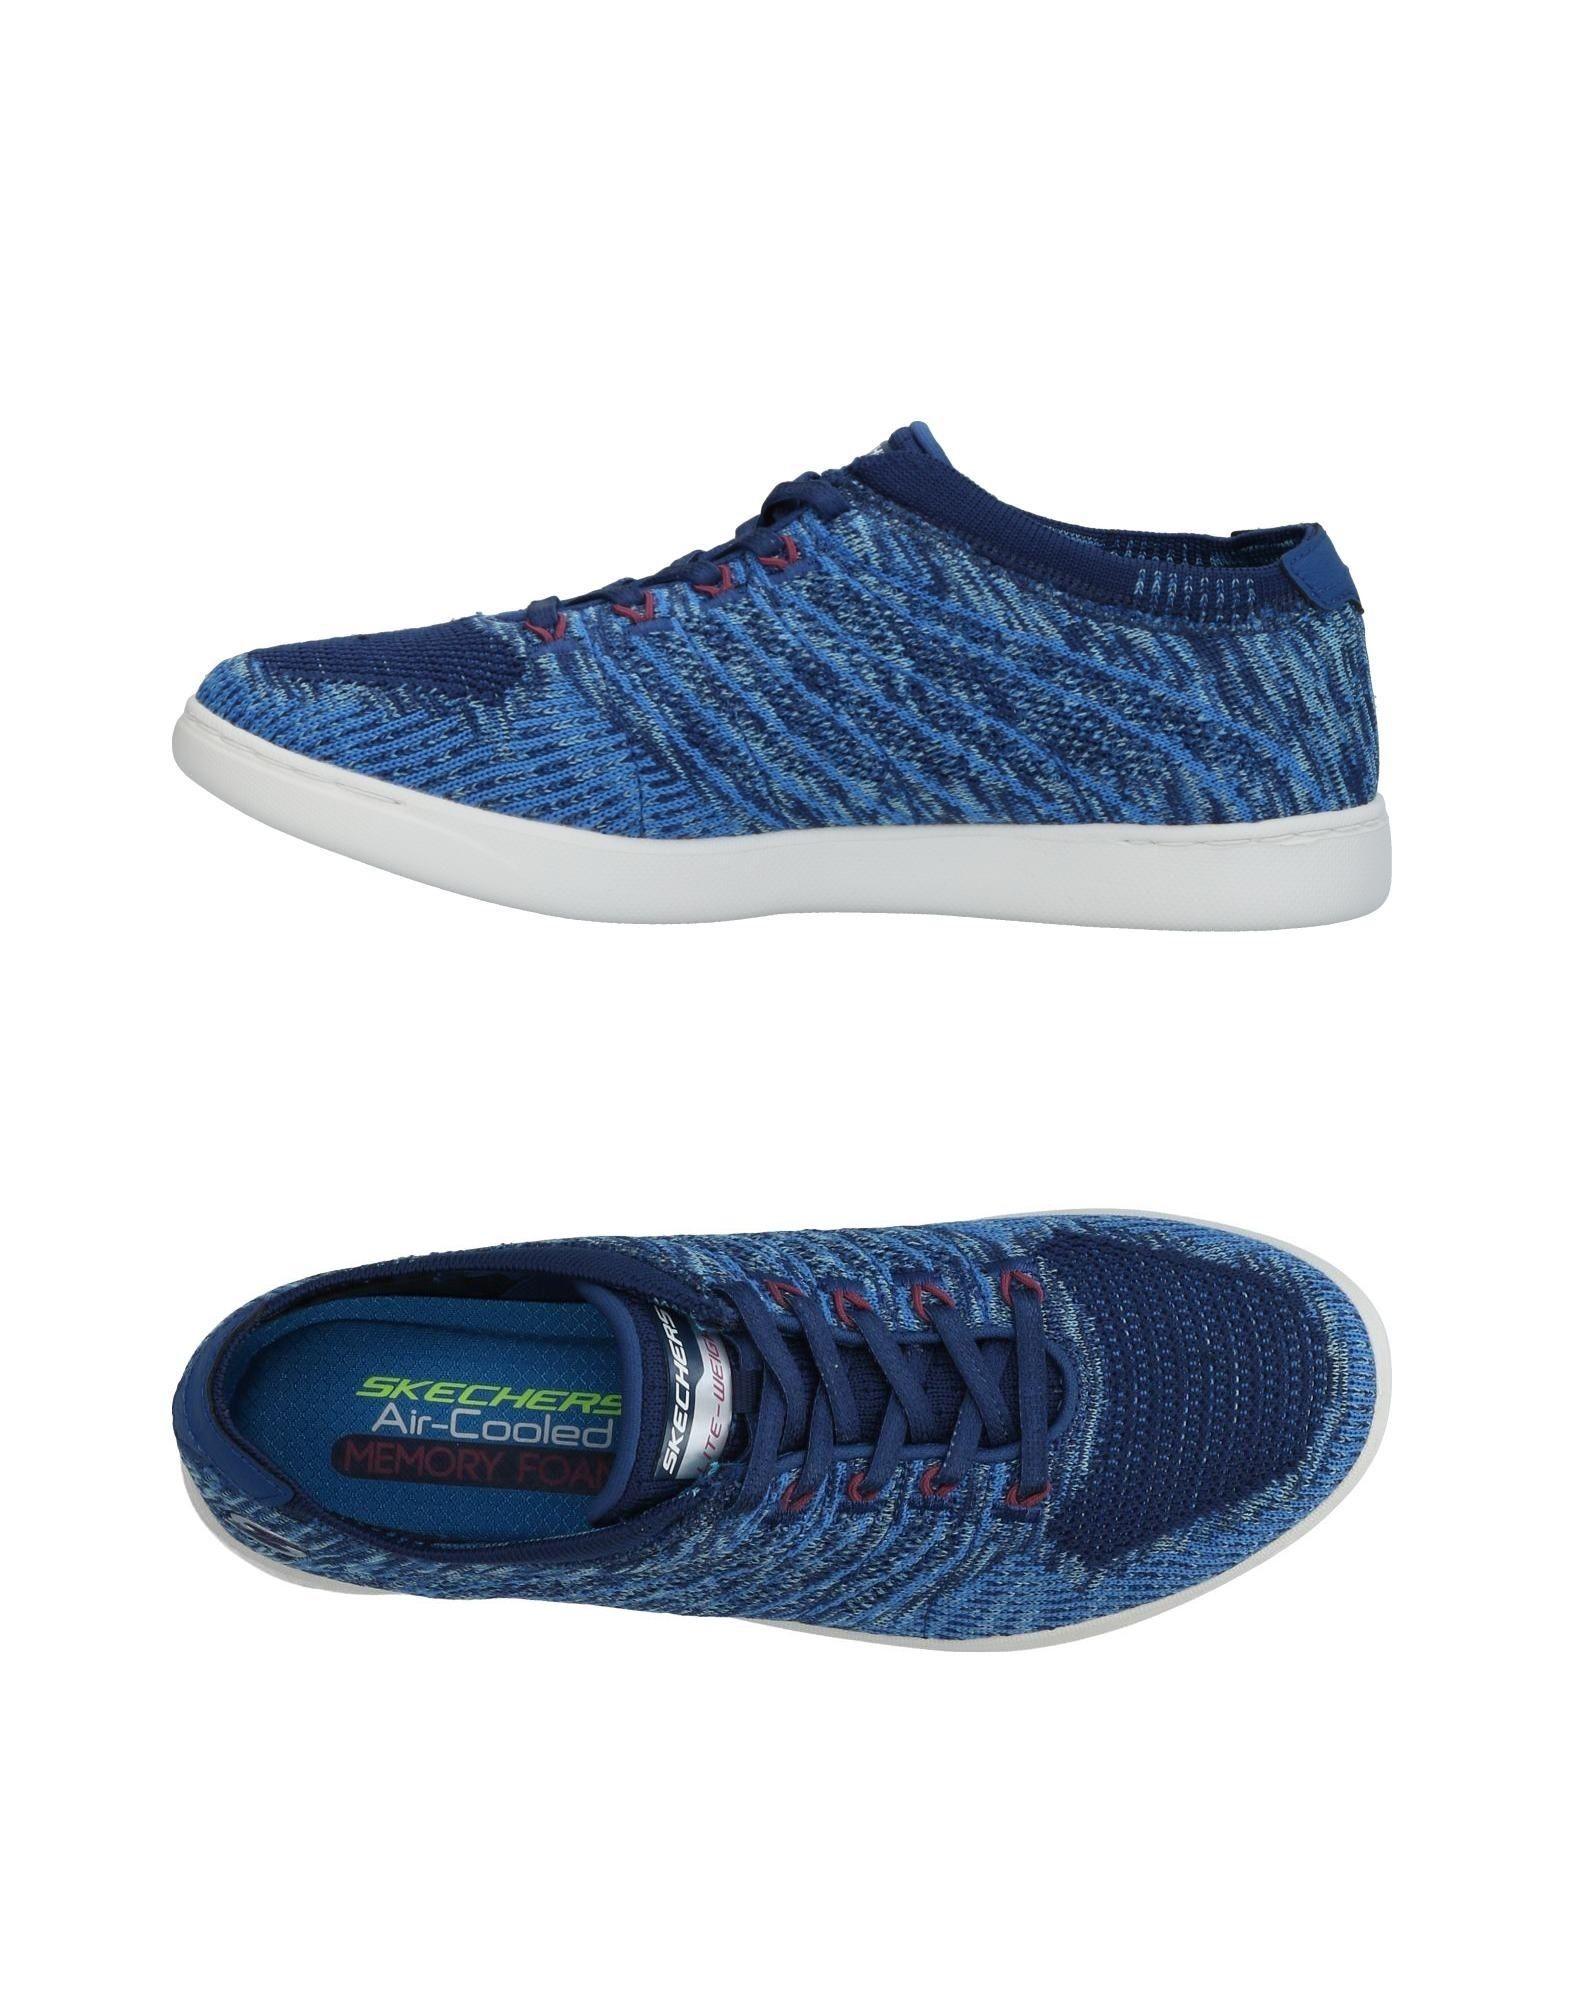 Venta de liquidación de temporada Zapatillas Zapatillas Skechers Mujer - Zapatillas Zapatillas Skechers  Blanco 32567b